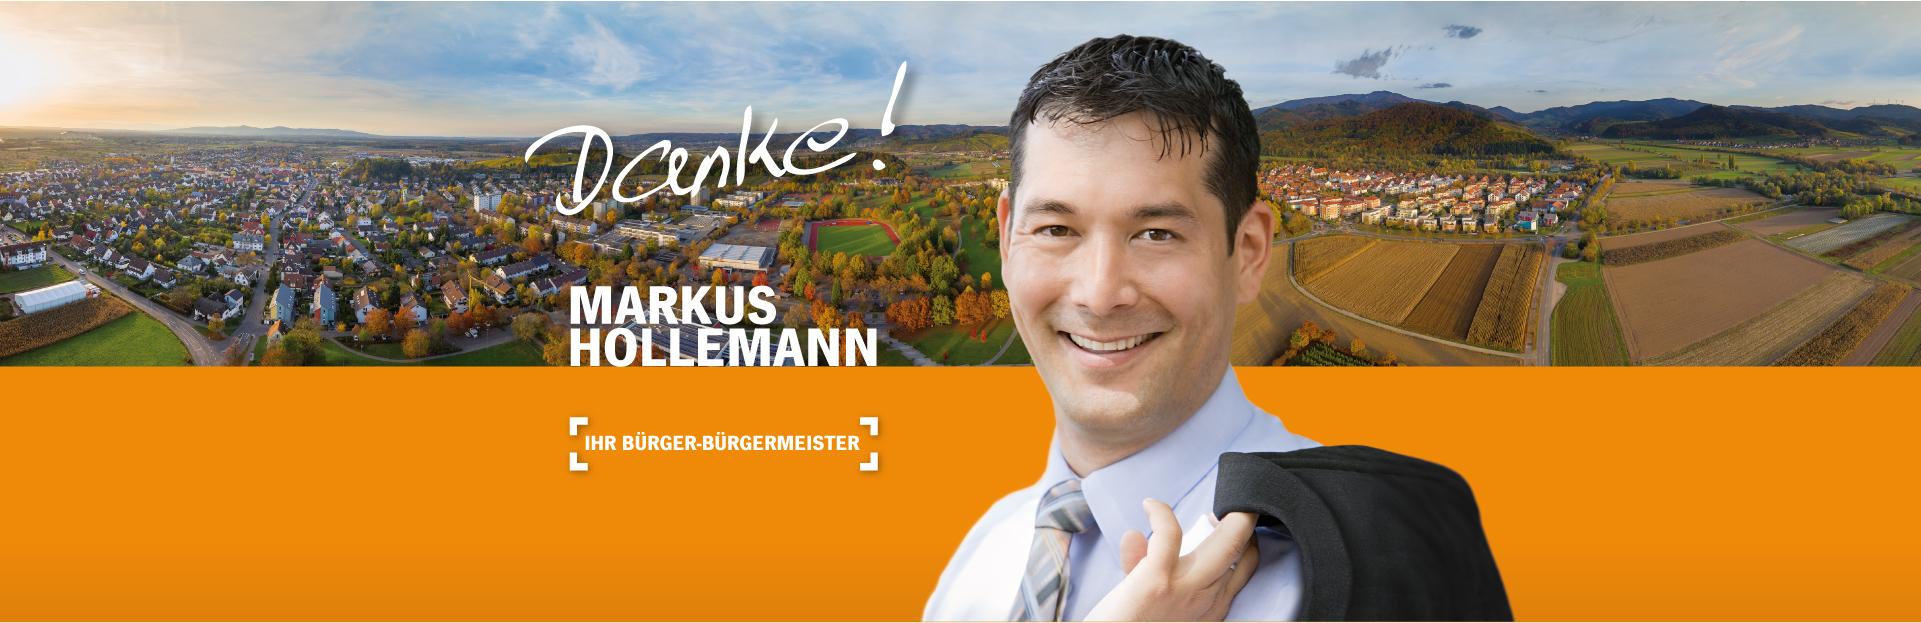 Markus Hollemann